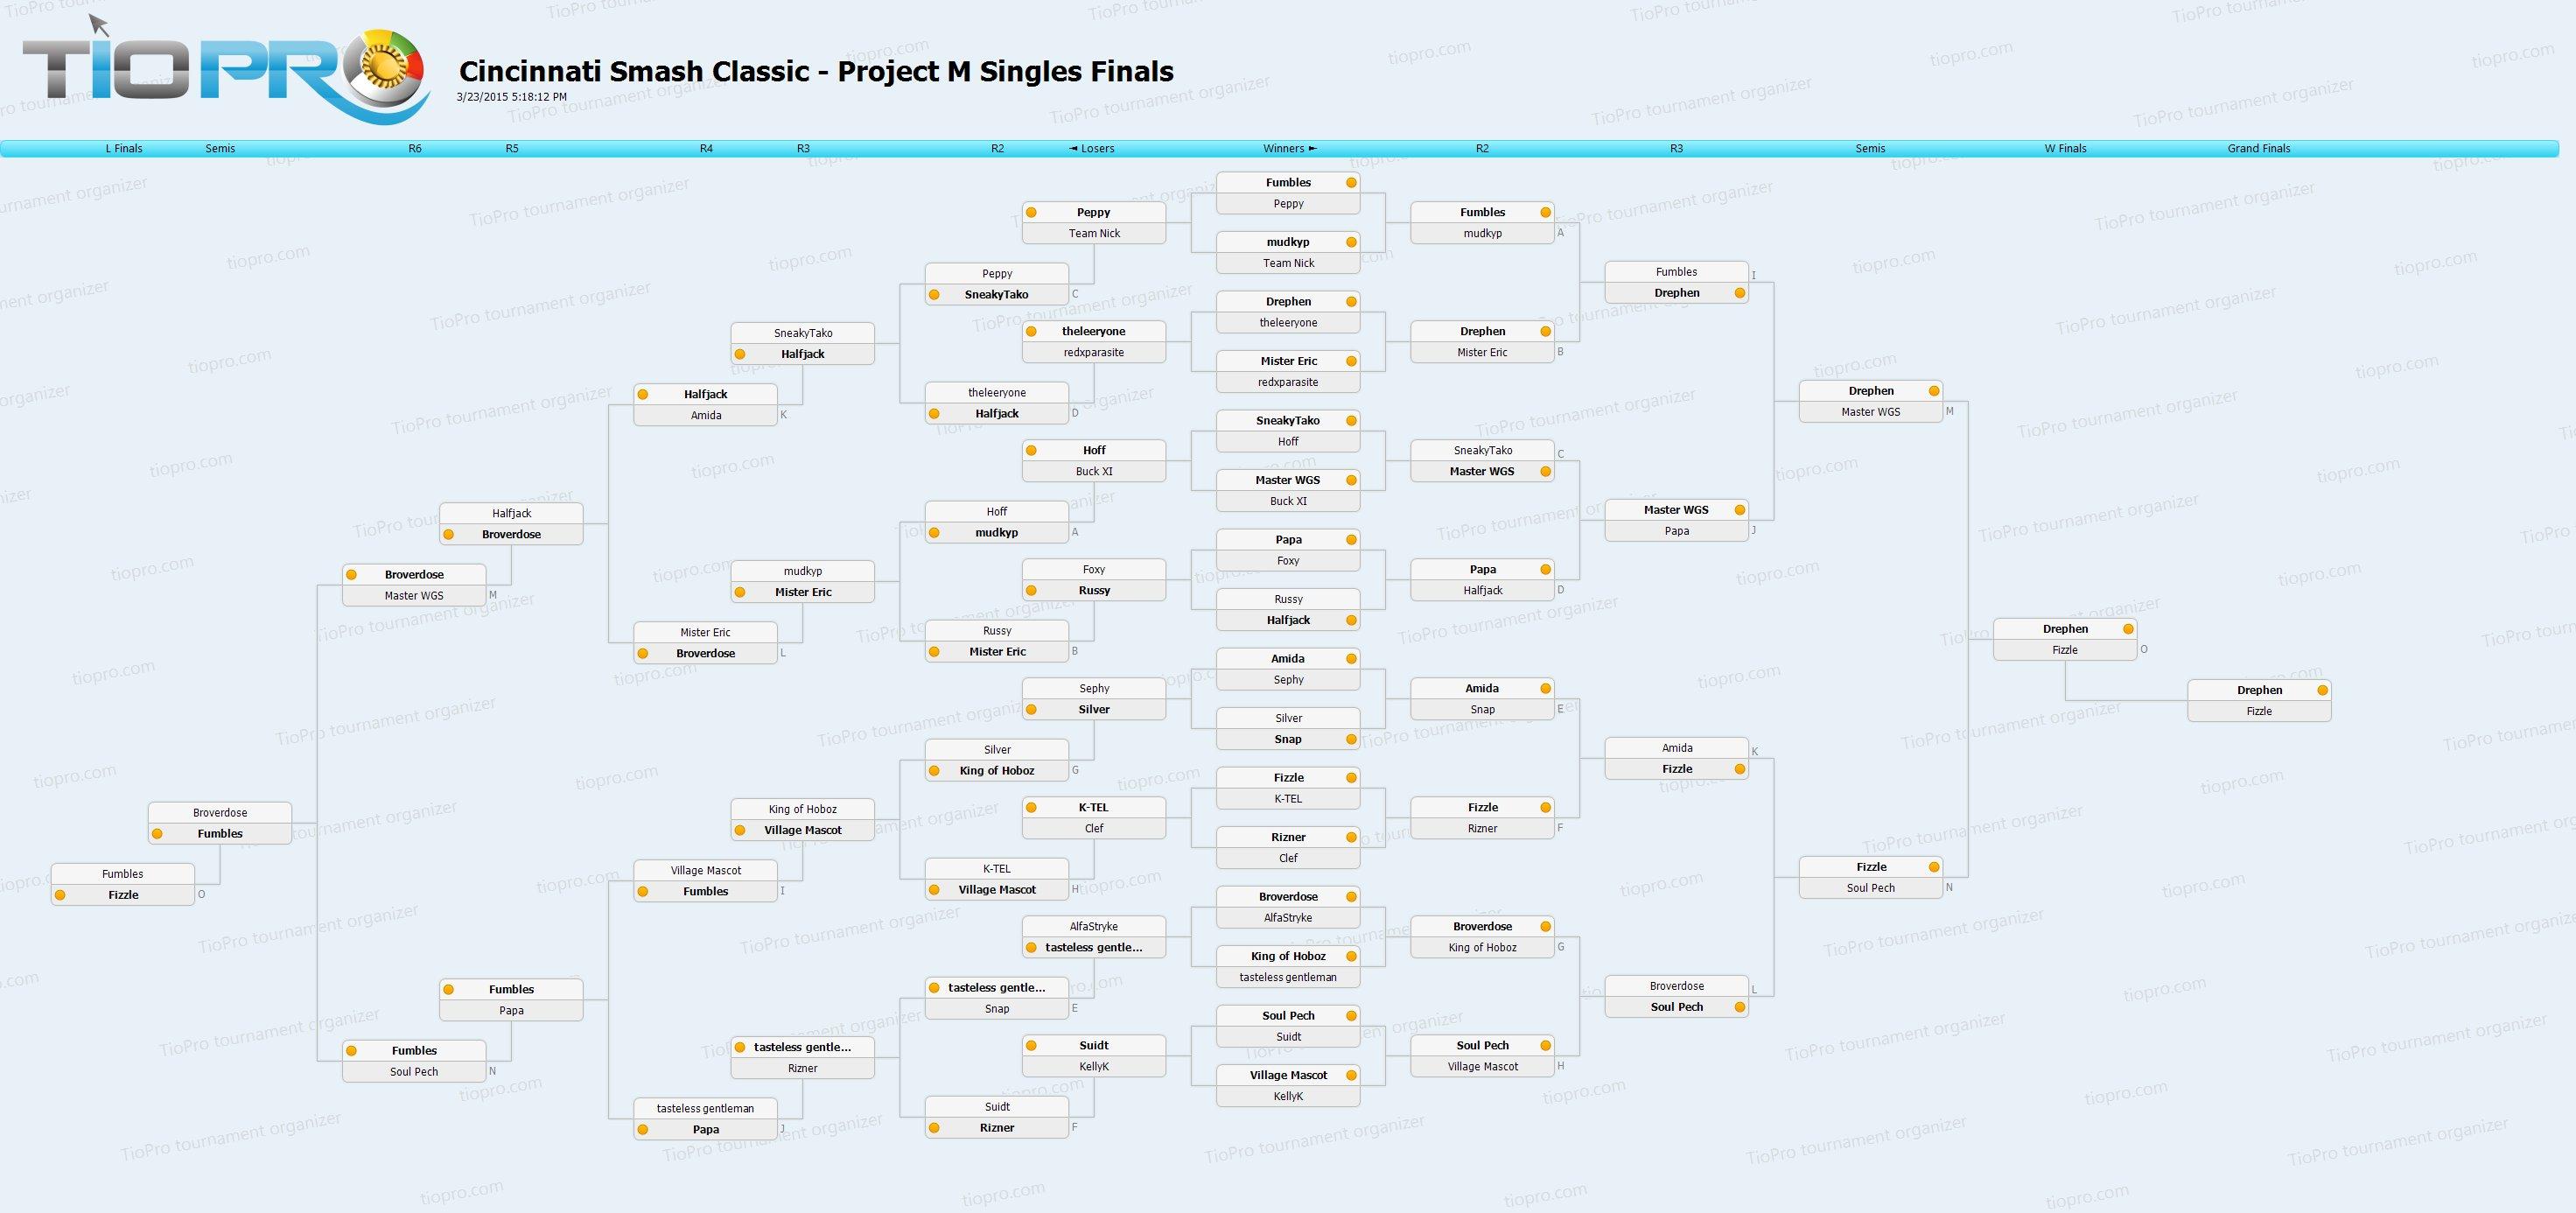 Cincinnati Smash Classic - Project M Singles Finals